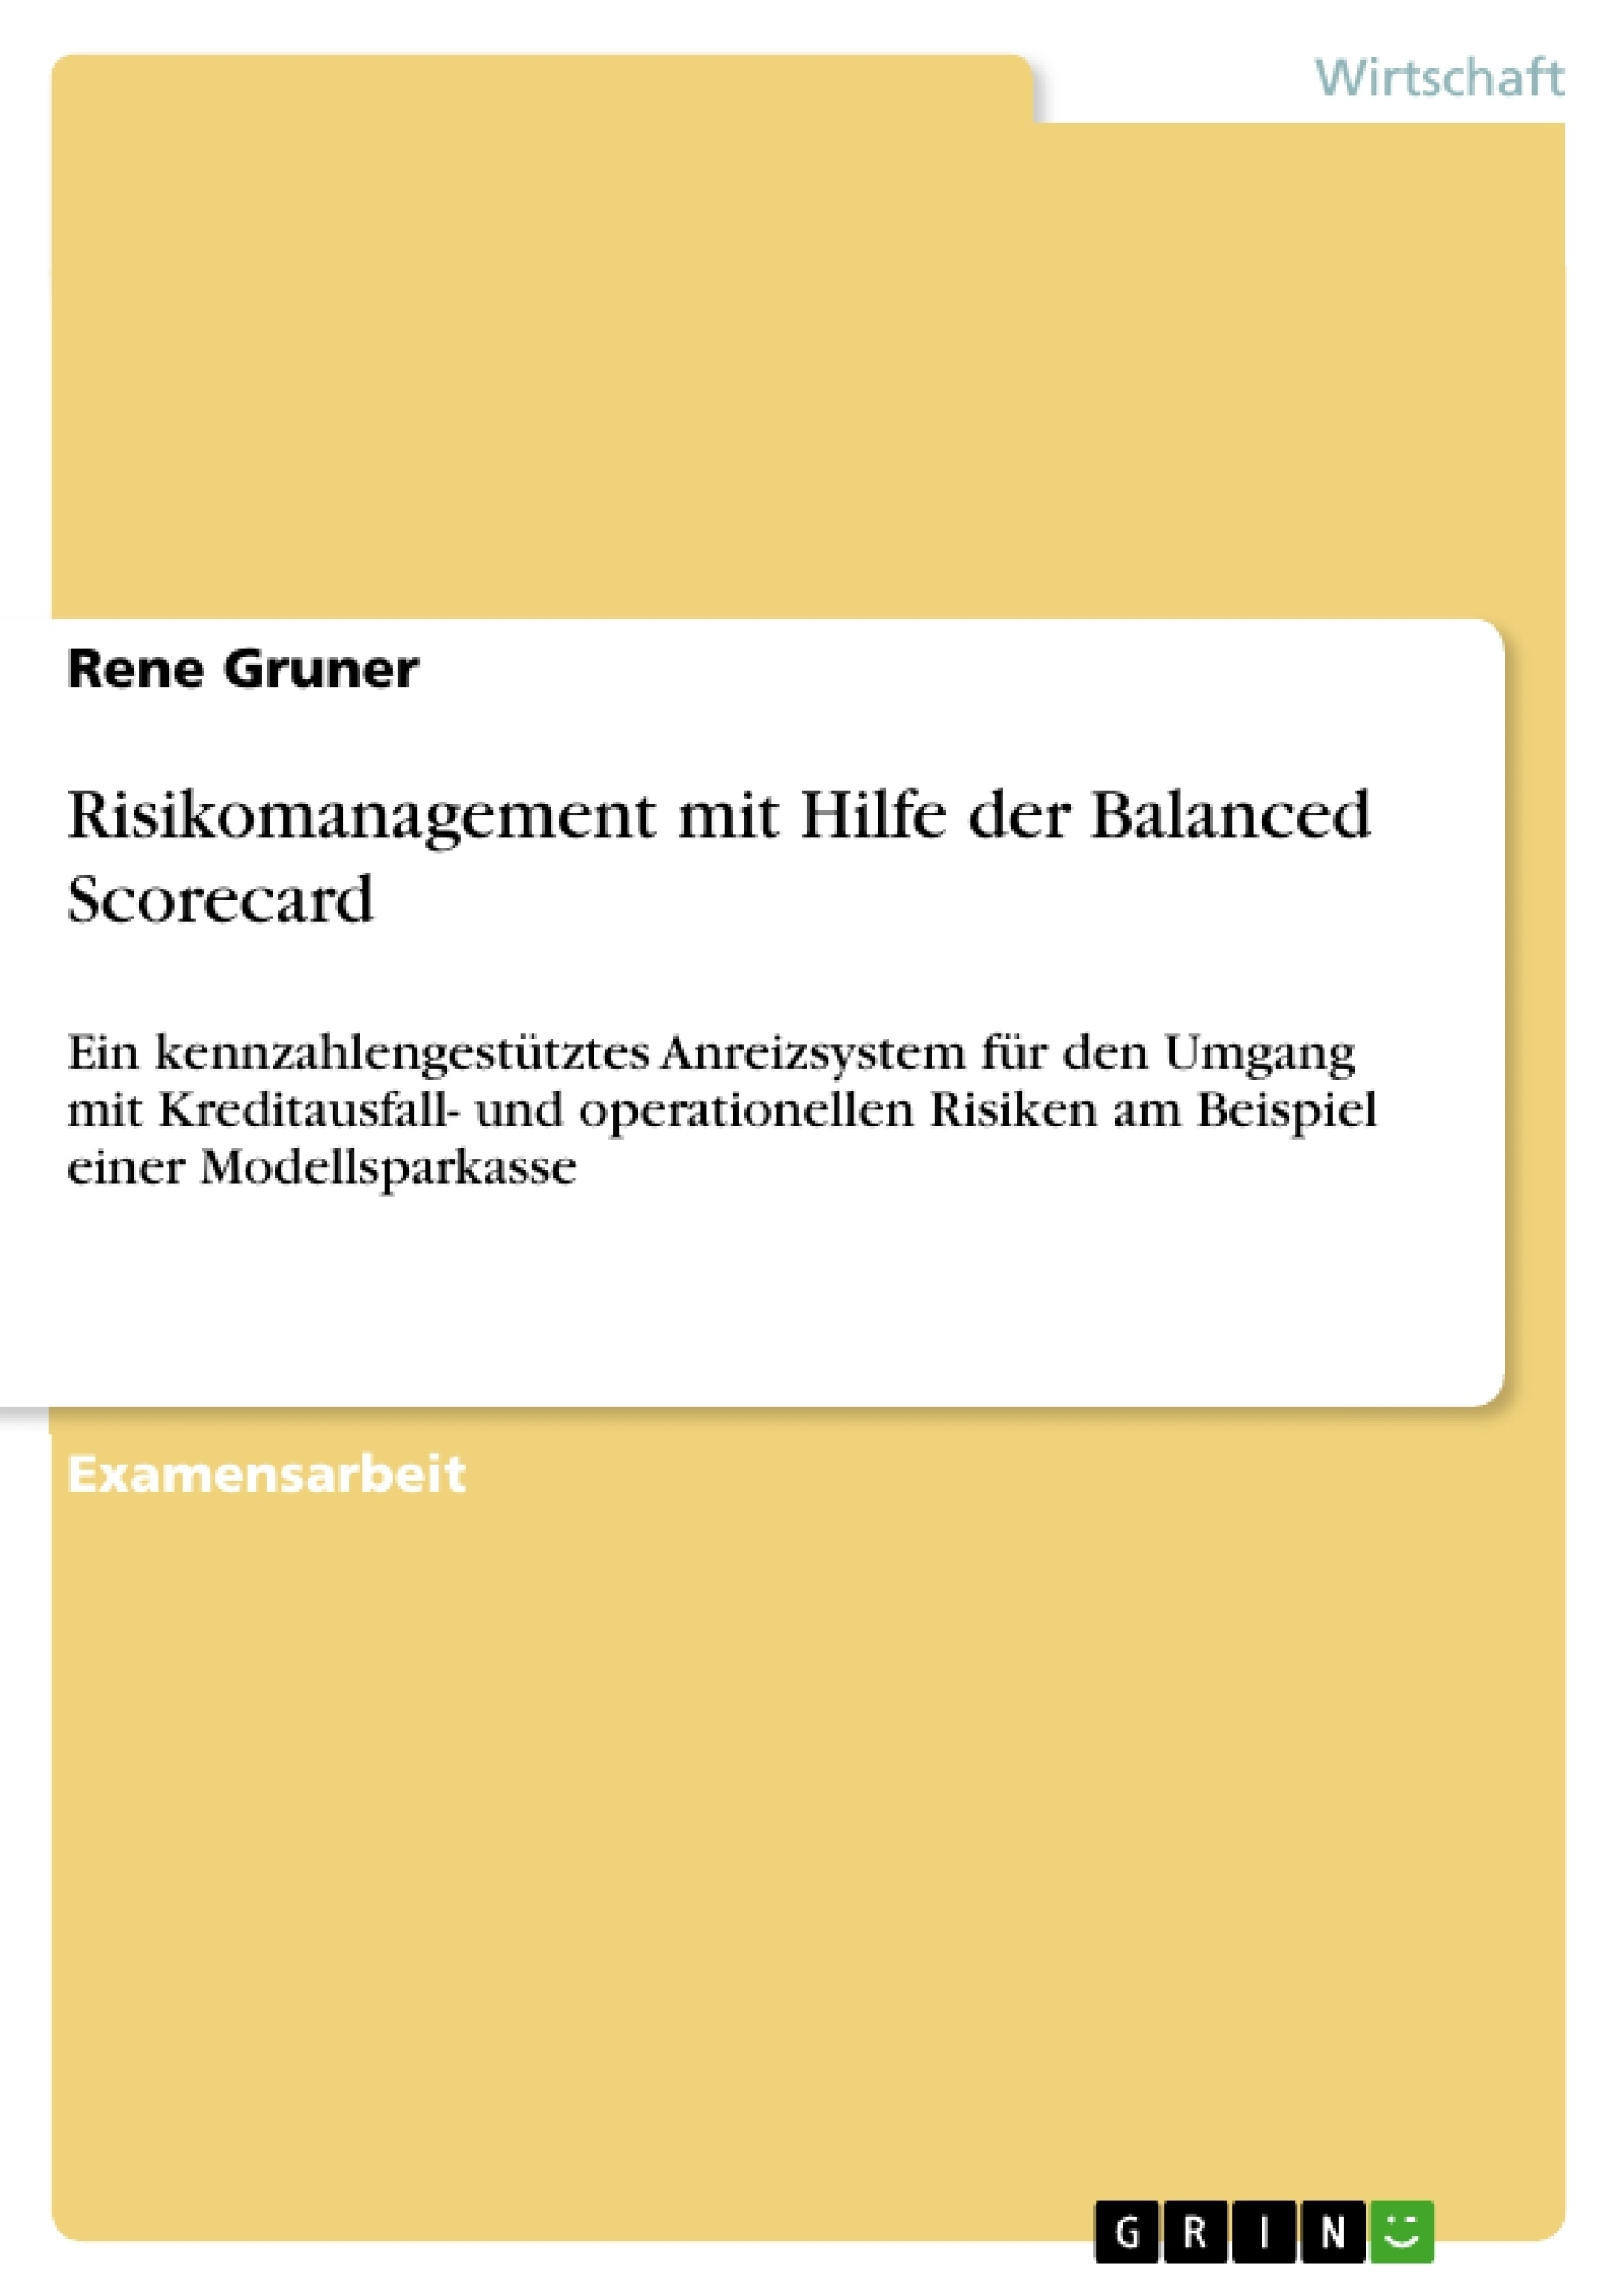 Titel: Risikomanagement mit Hilfe der Balanced Scorecard